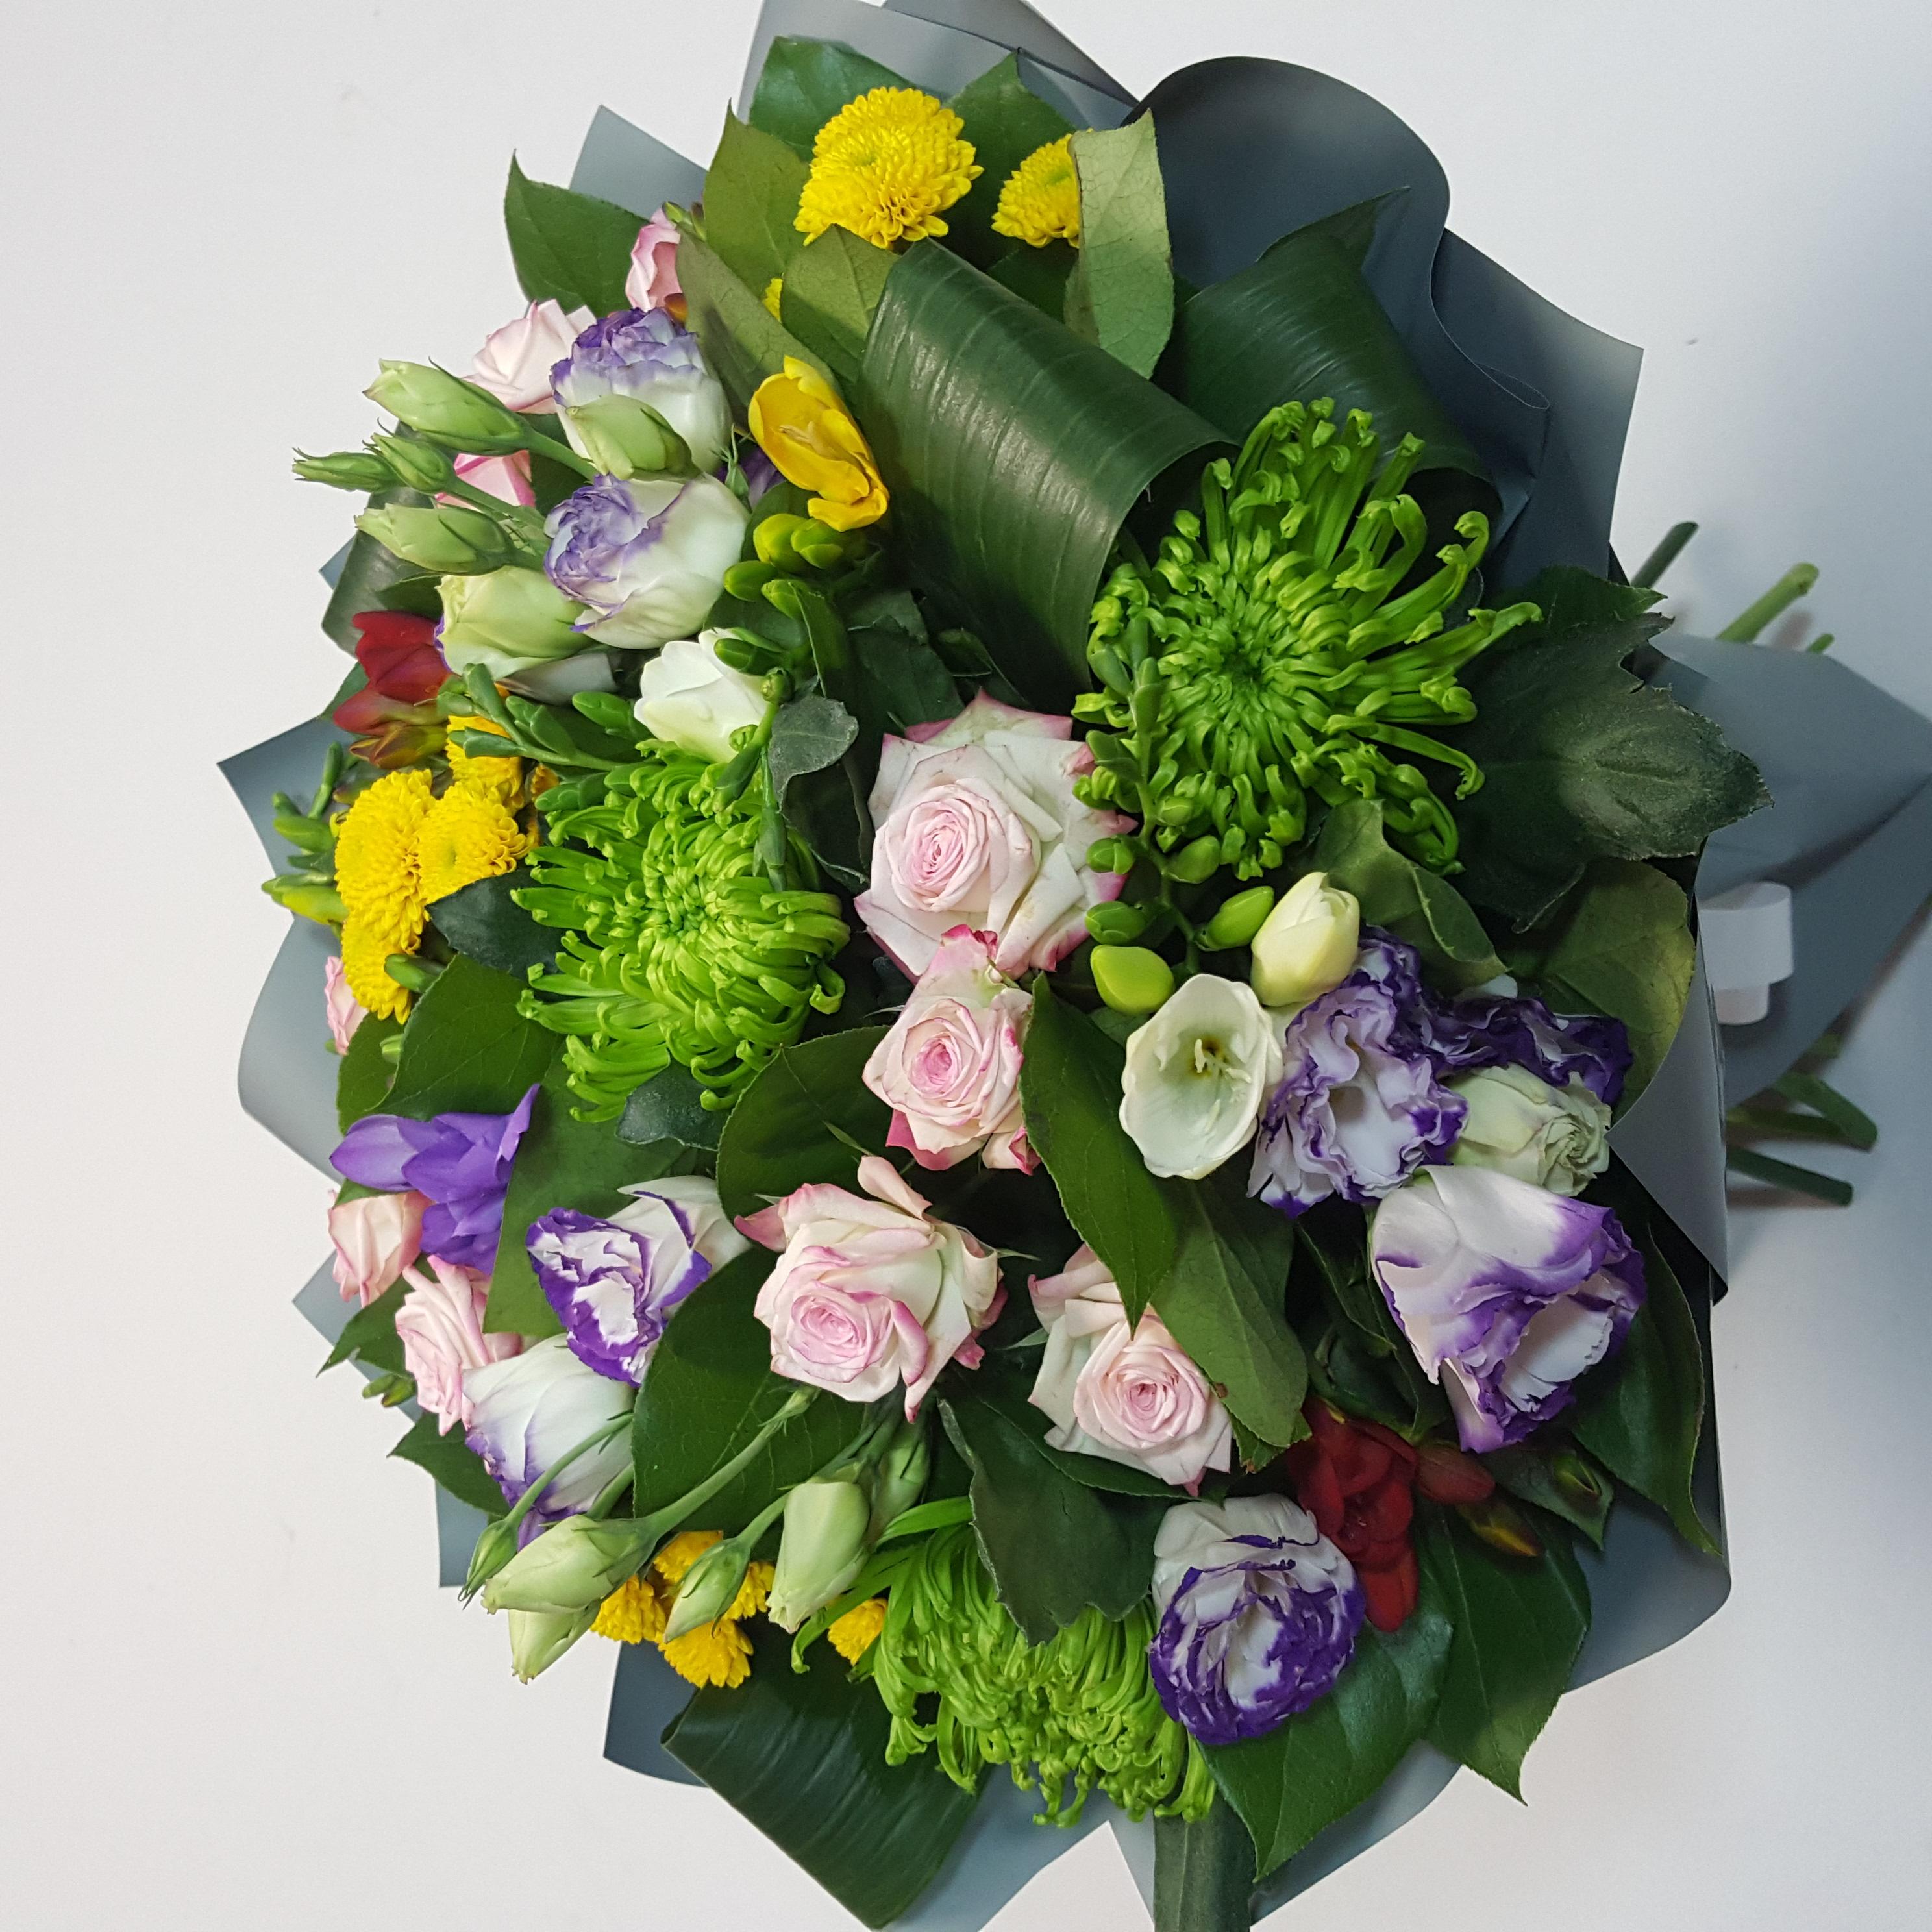 Цветы оптовом, доставка цветов в московскую область